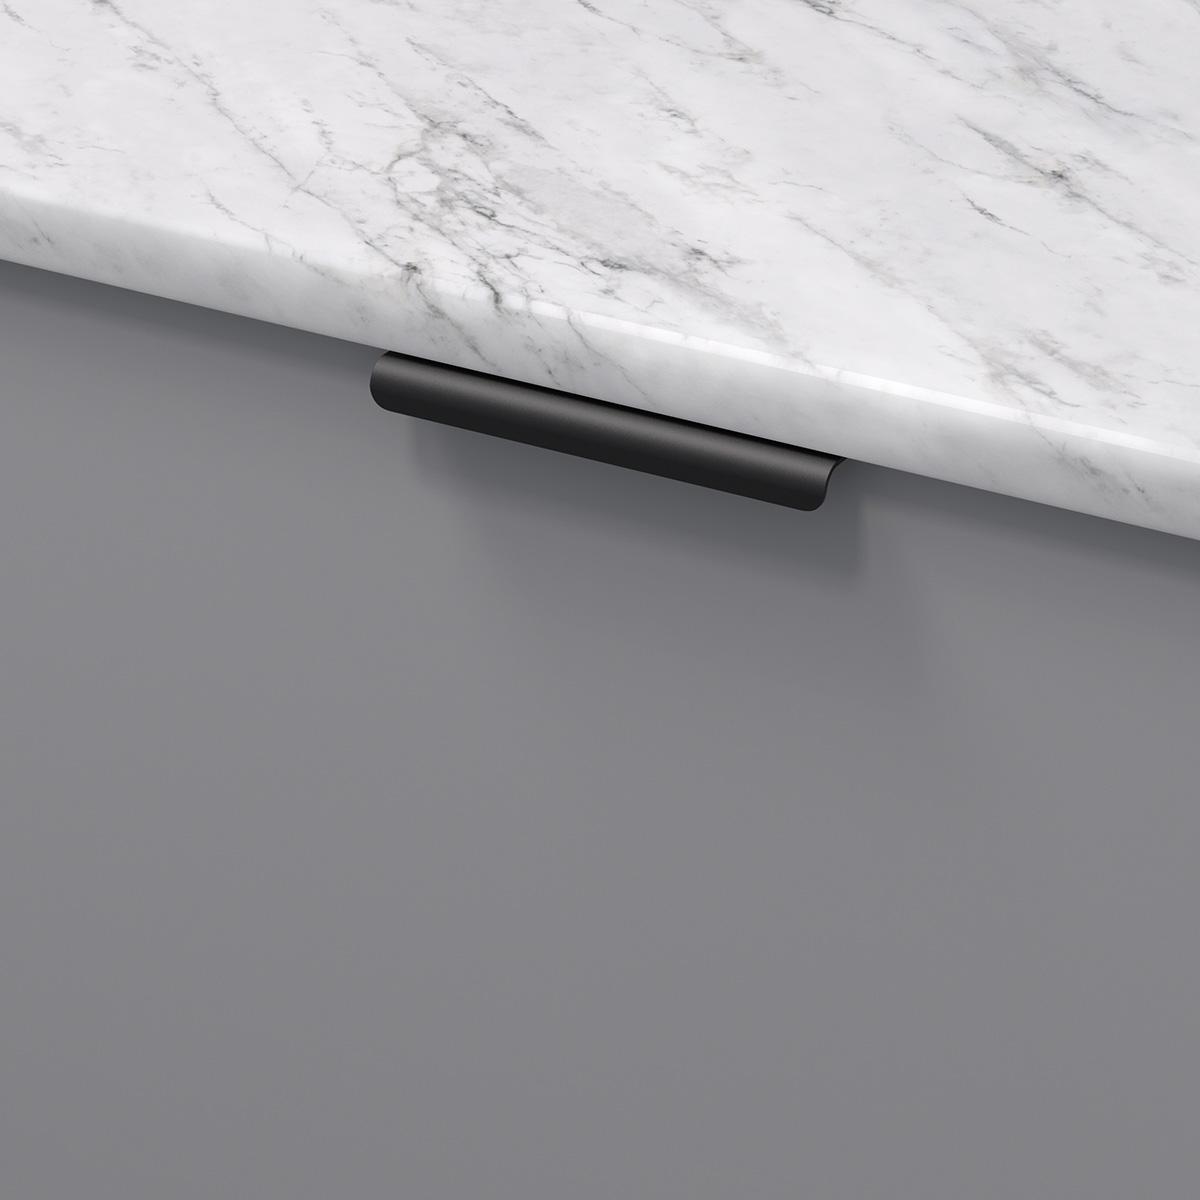 Profilhandtag lip svart 343458 11 120 mm ncs s 4500 n marmor carrara